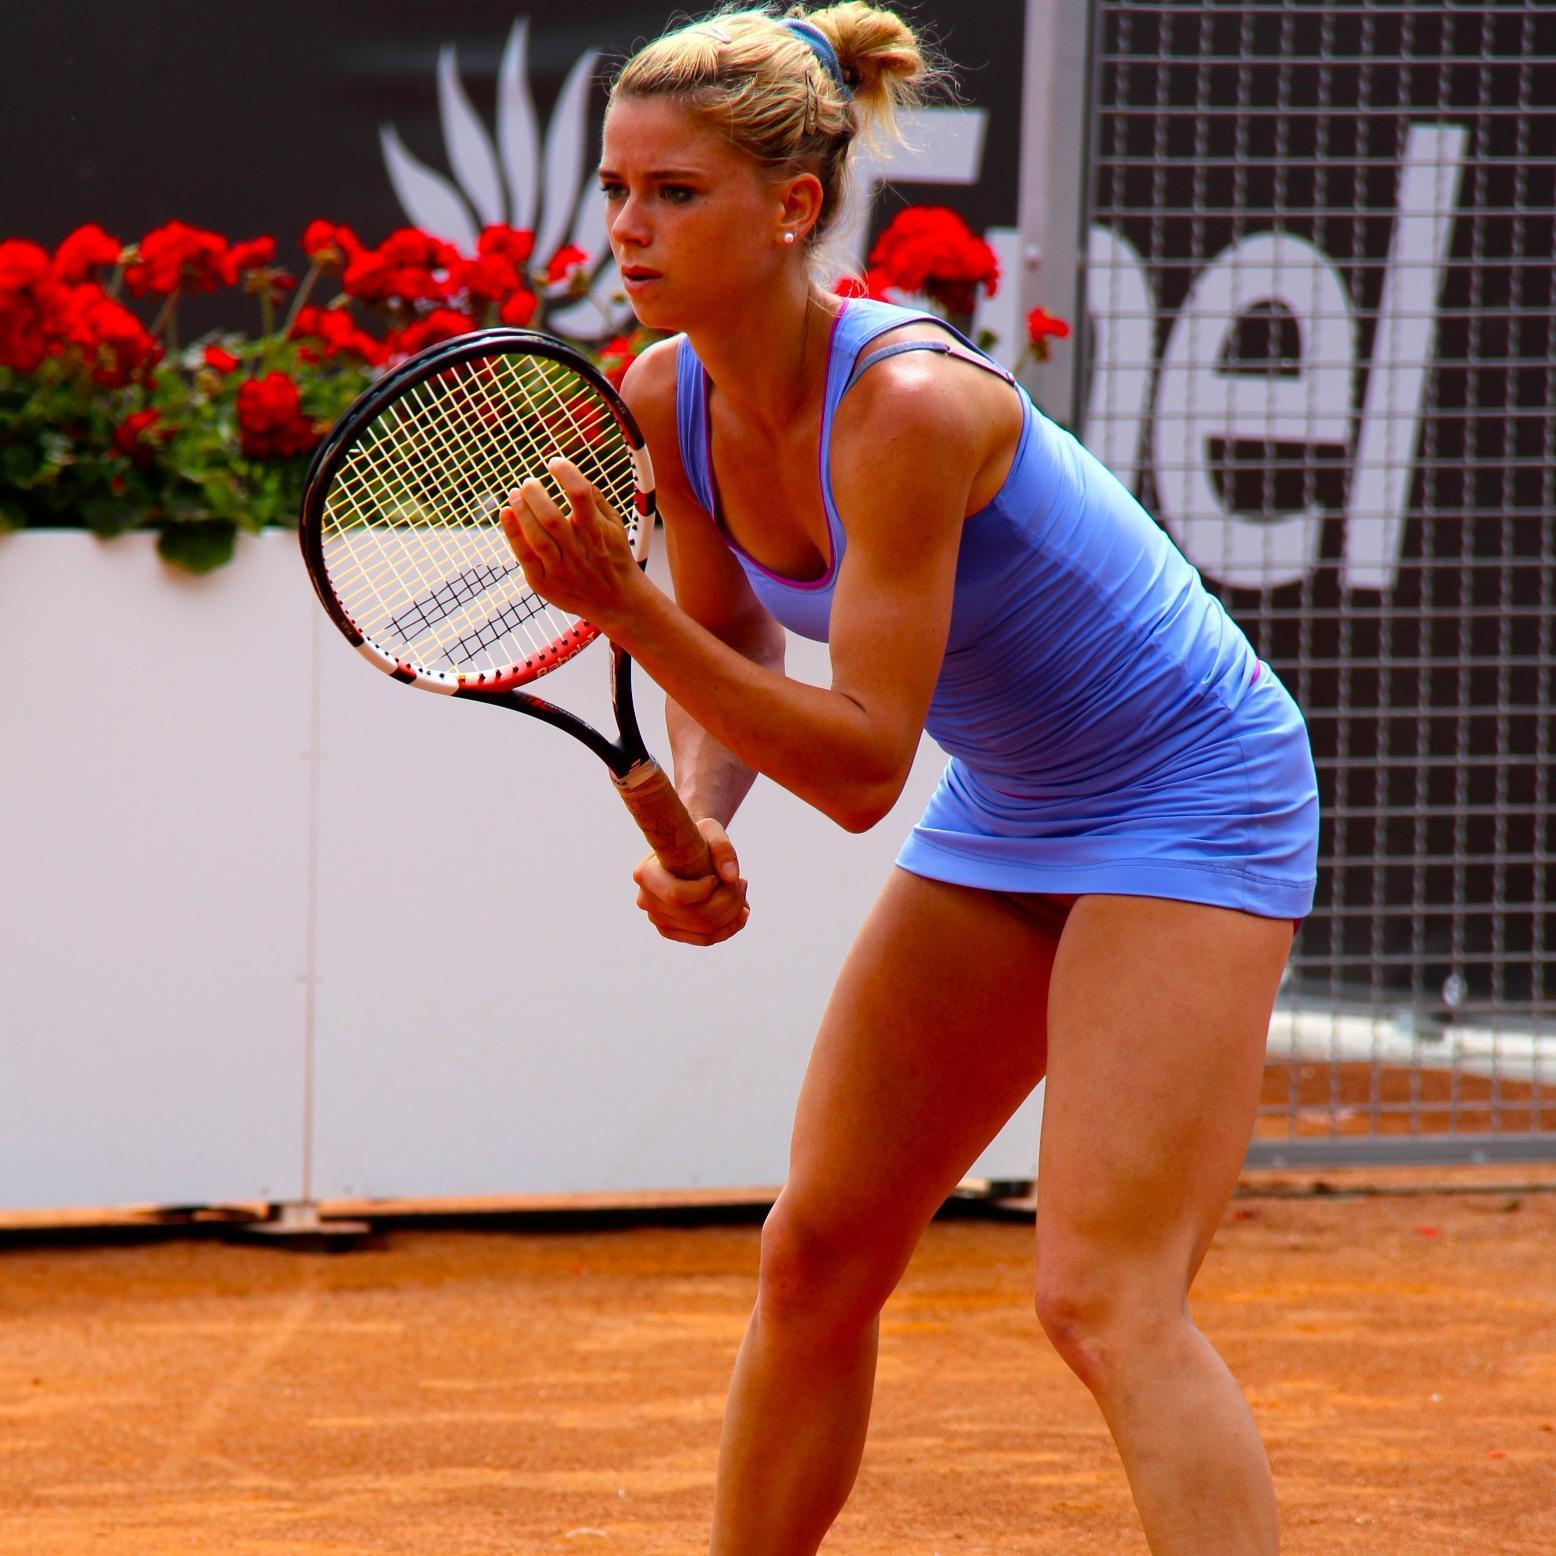 теннисистки джорджи фото